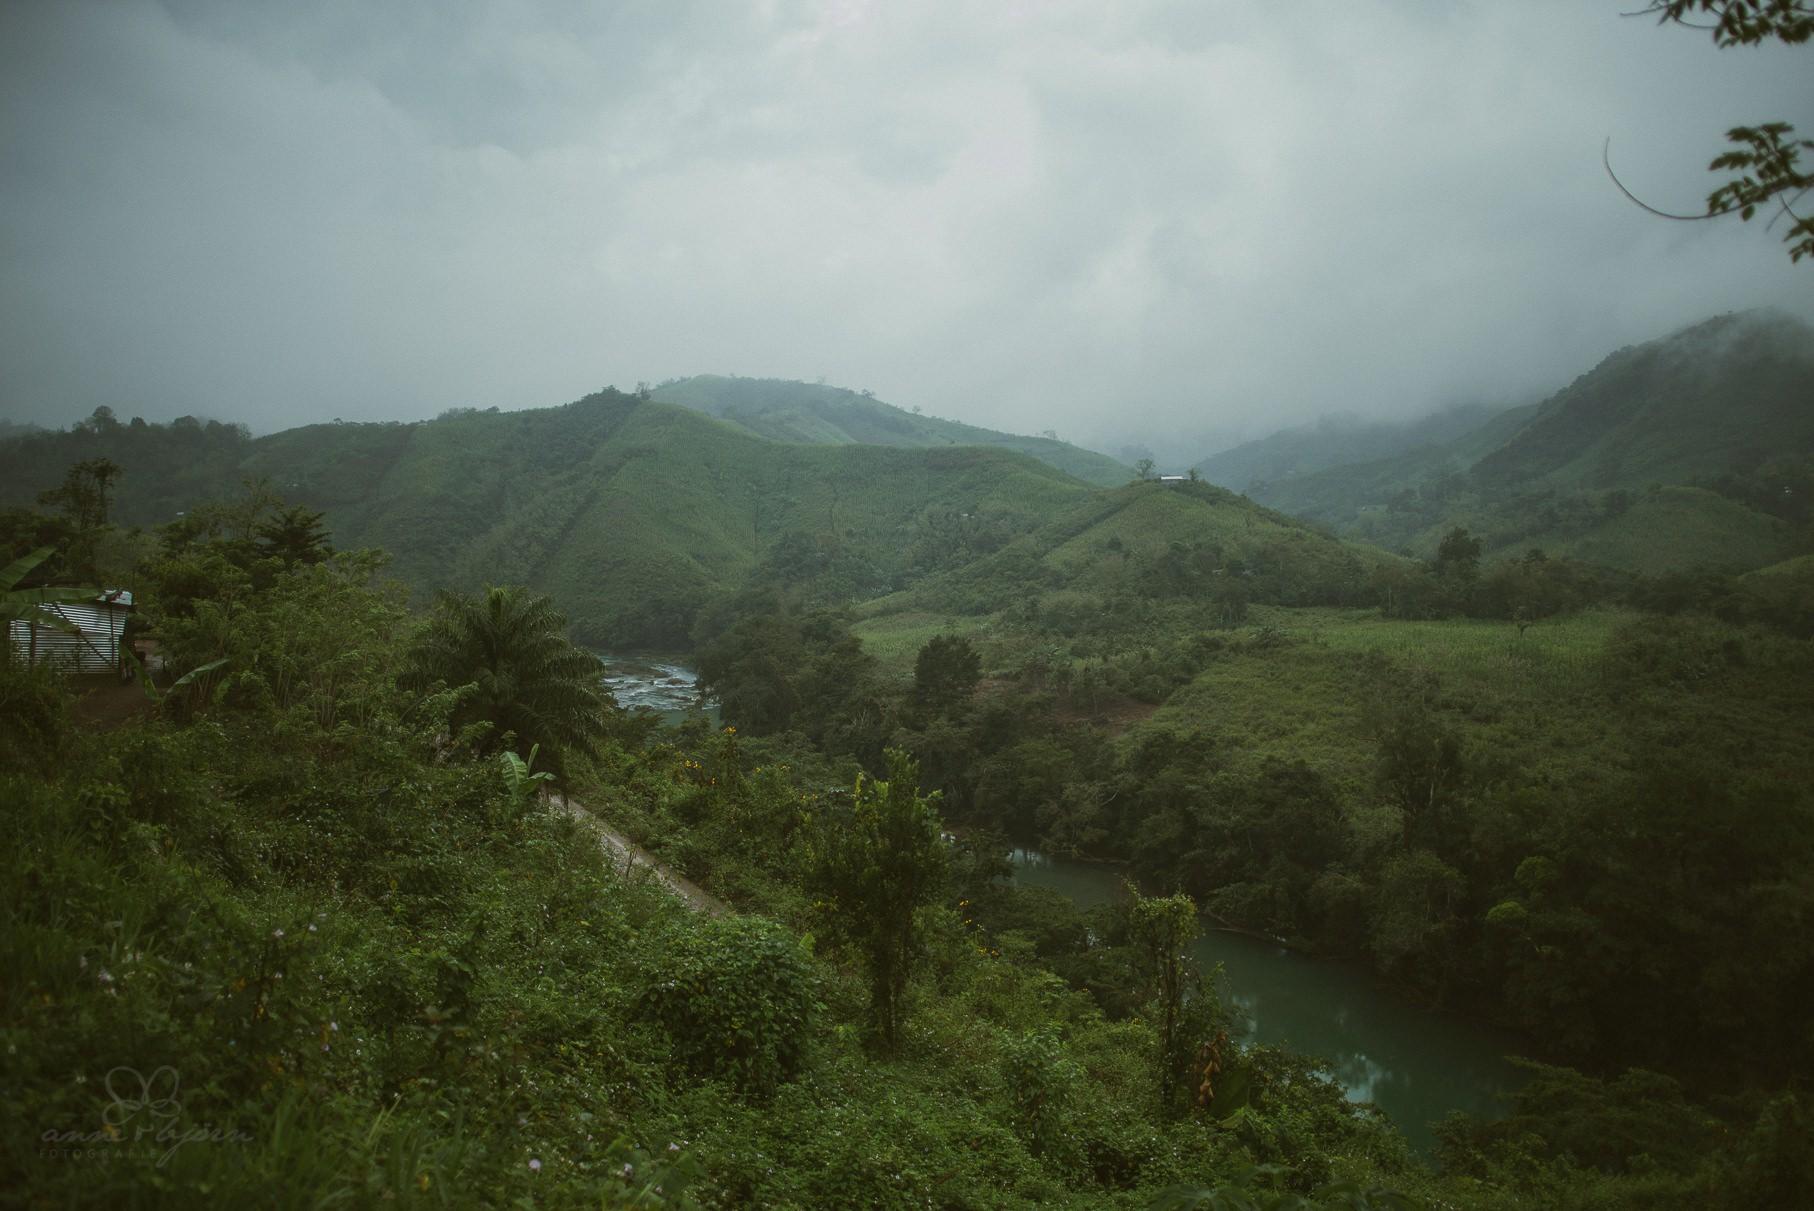 0177 anne und bjoern guatemala 811 3763 - 4 Wochen durch Guatemala - backpacking durch Mittelamerika